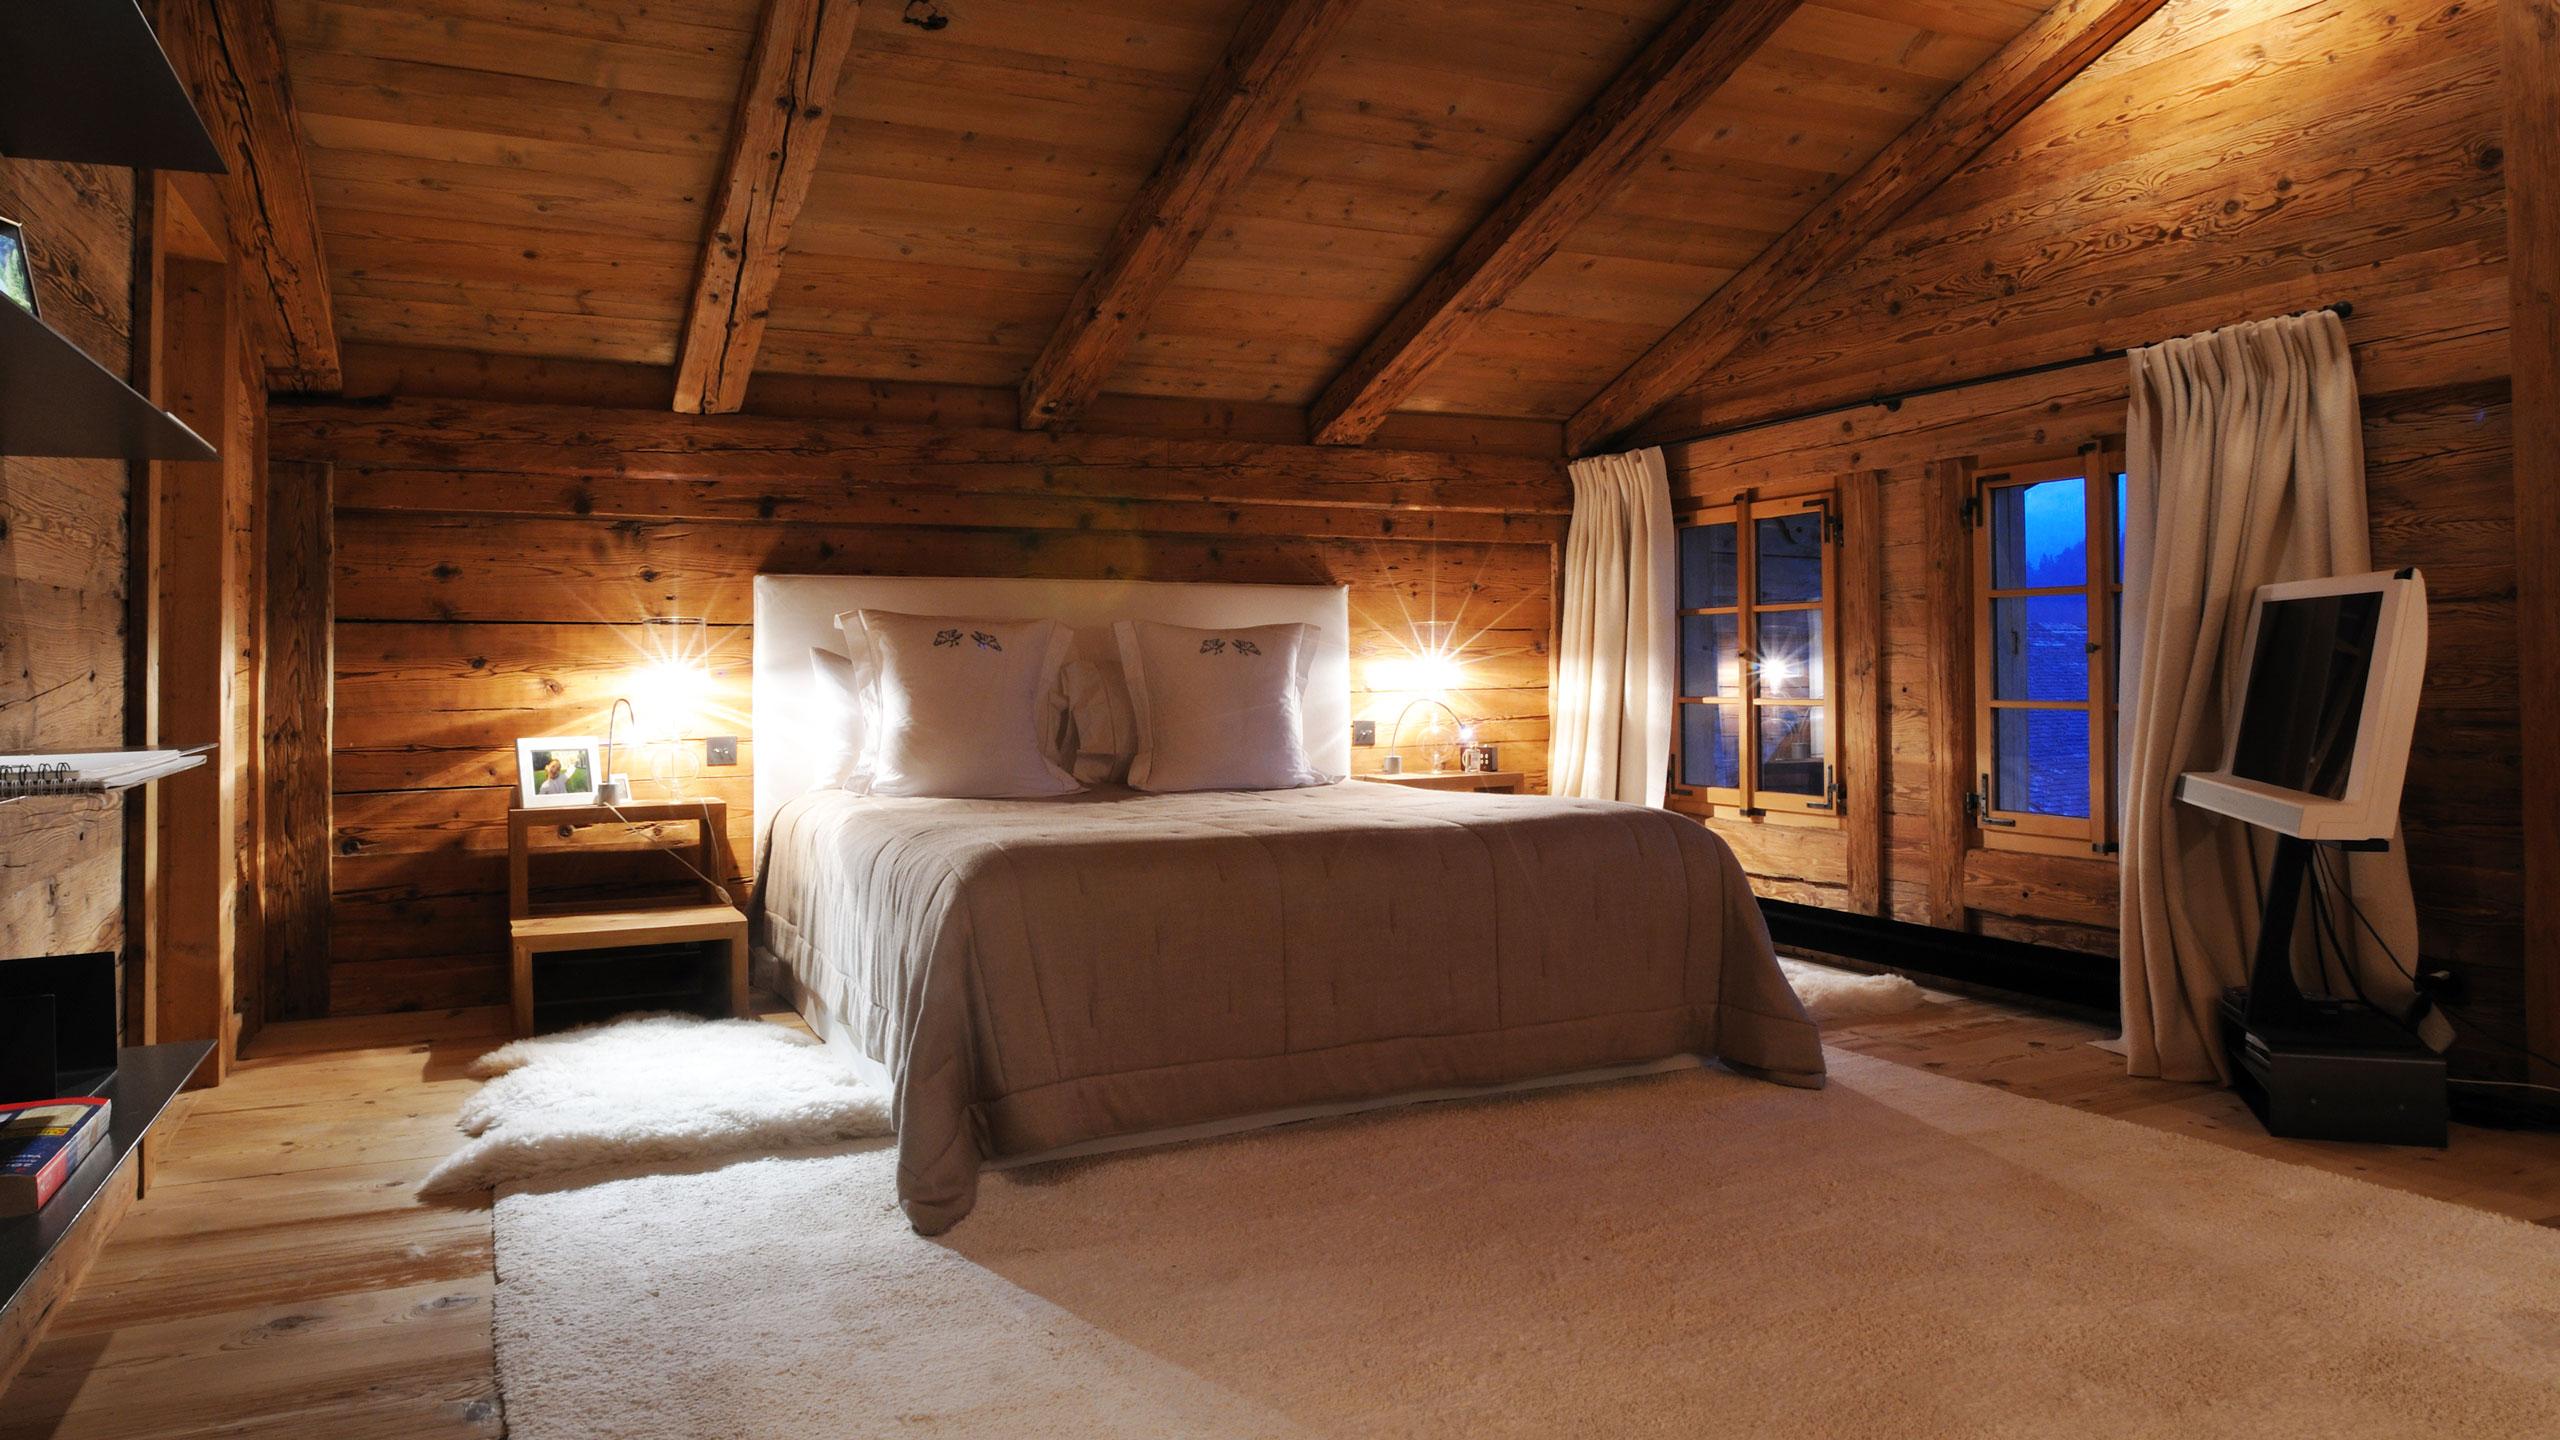 hauswirth architekten chalet design gstaad. Black Bedroom Furniture Sets. Home Design Ideas